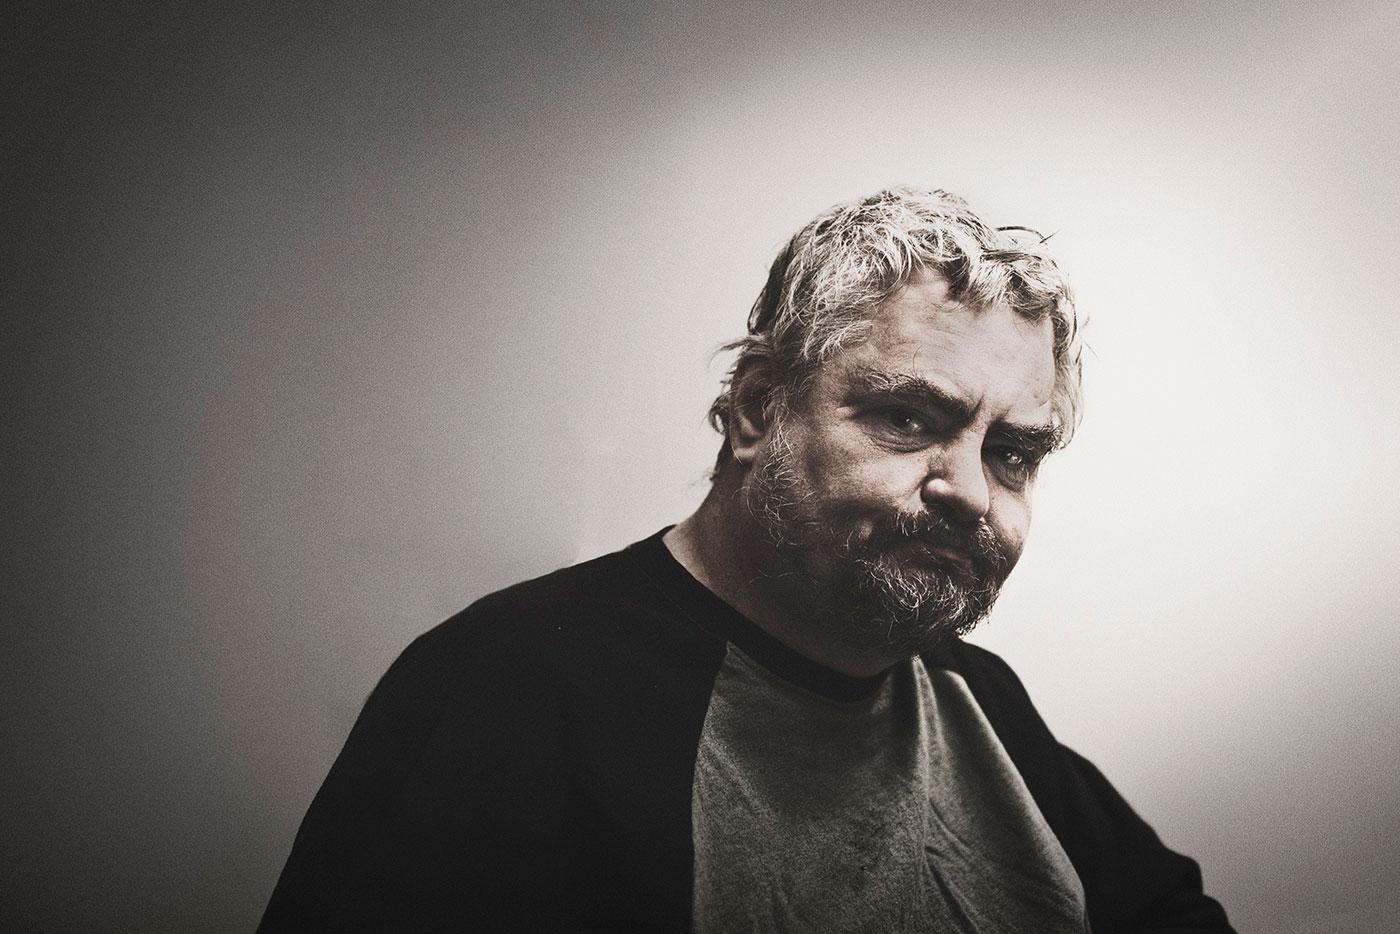 Muere Daniel Johnston a los 58 años